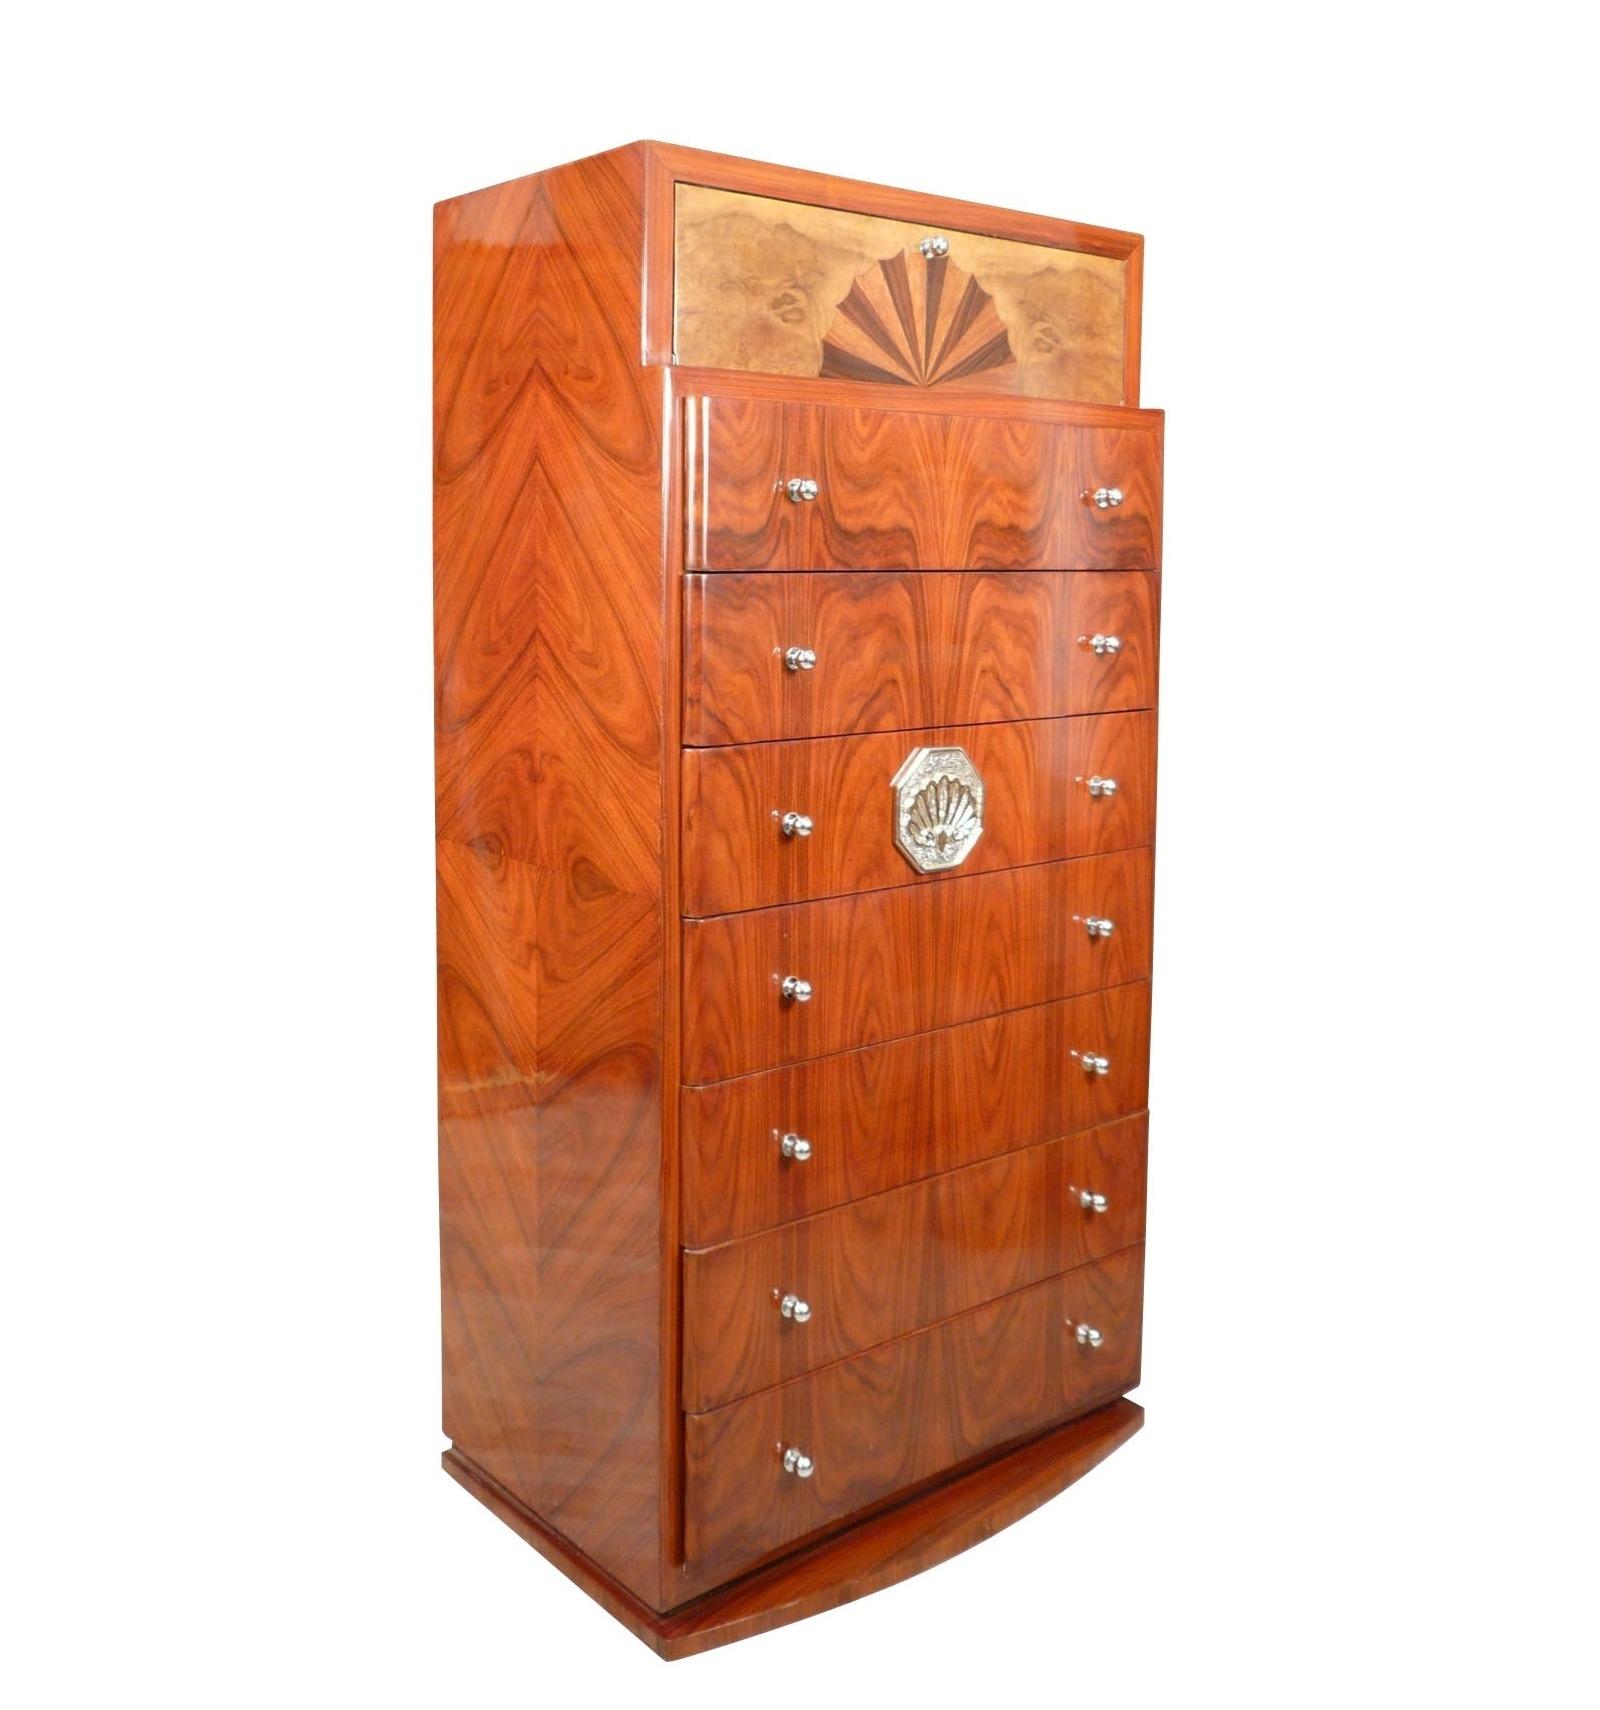 semainier art d co commode et mobilier de d coration en bois. Black Bedroom Furniture Sets. Home Design Ideas